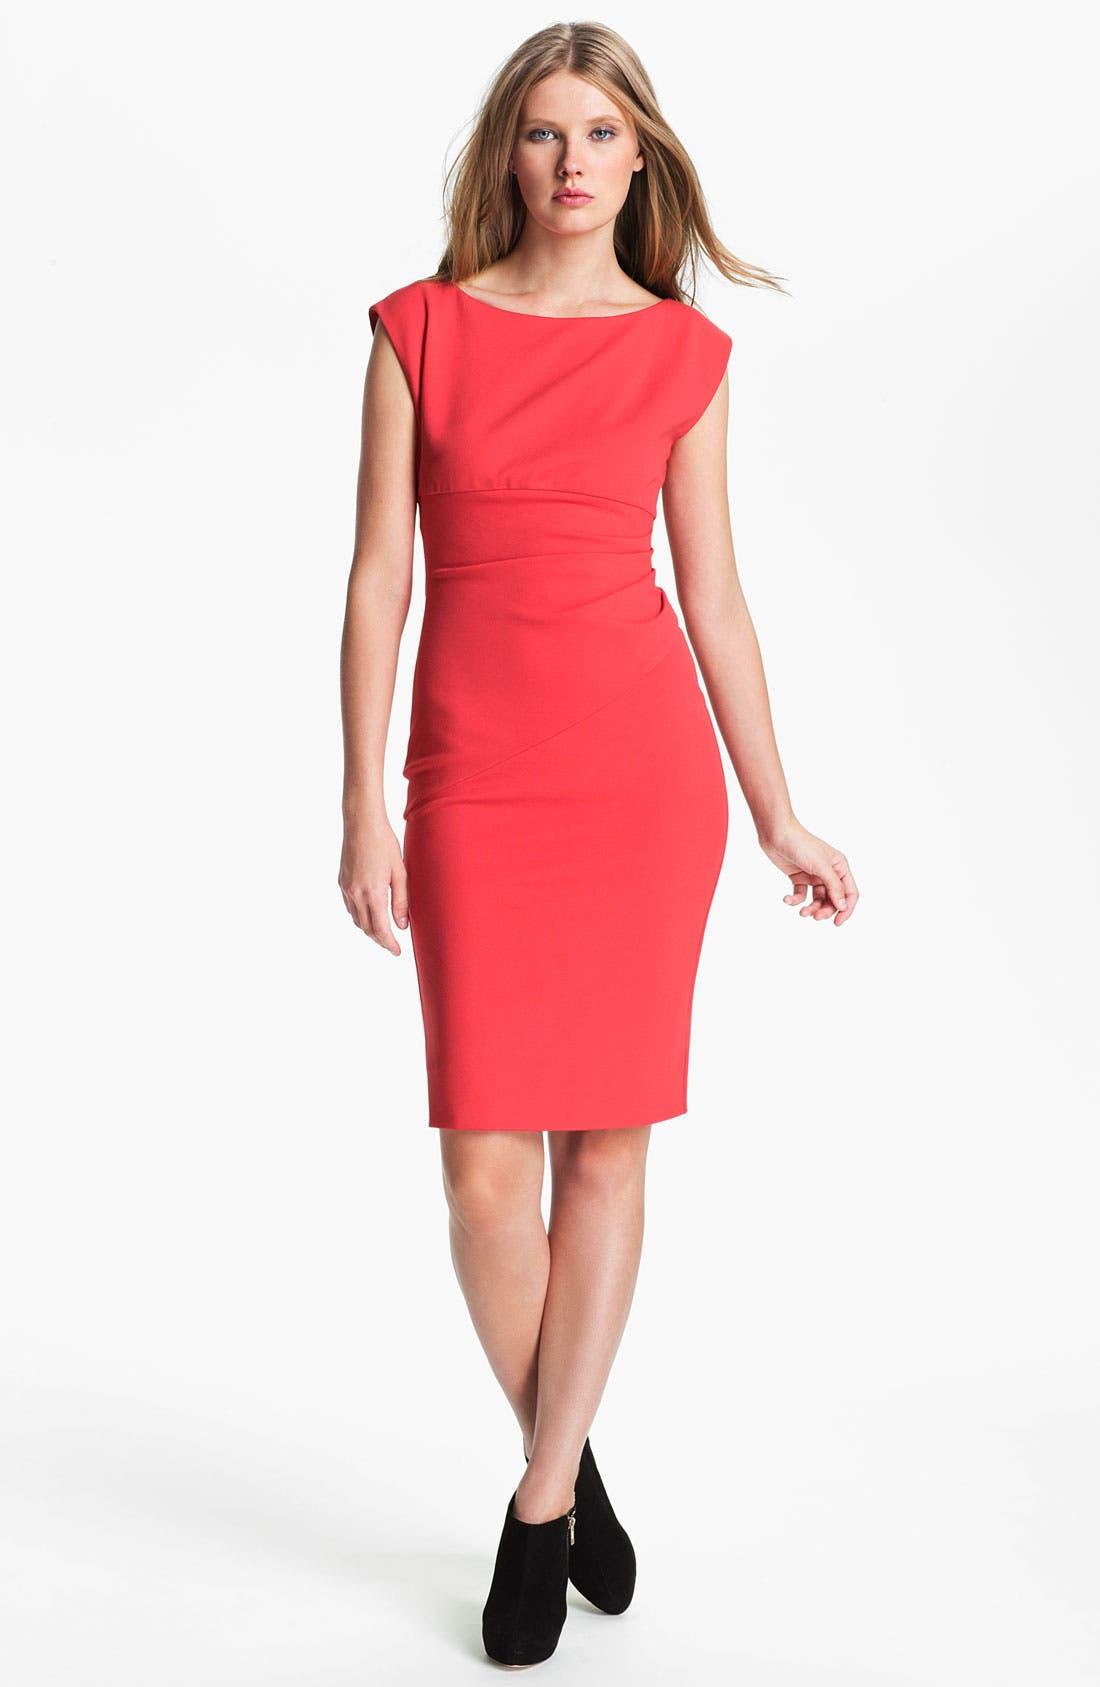 Main Image - Diane von Furstenberg 'Jori' Ruched Sheath Dress